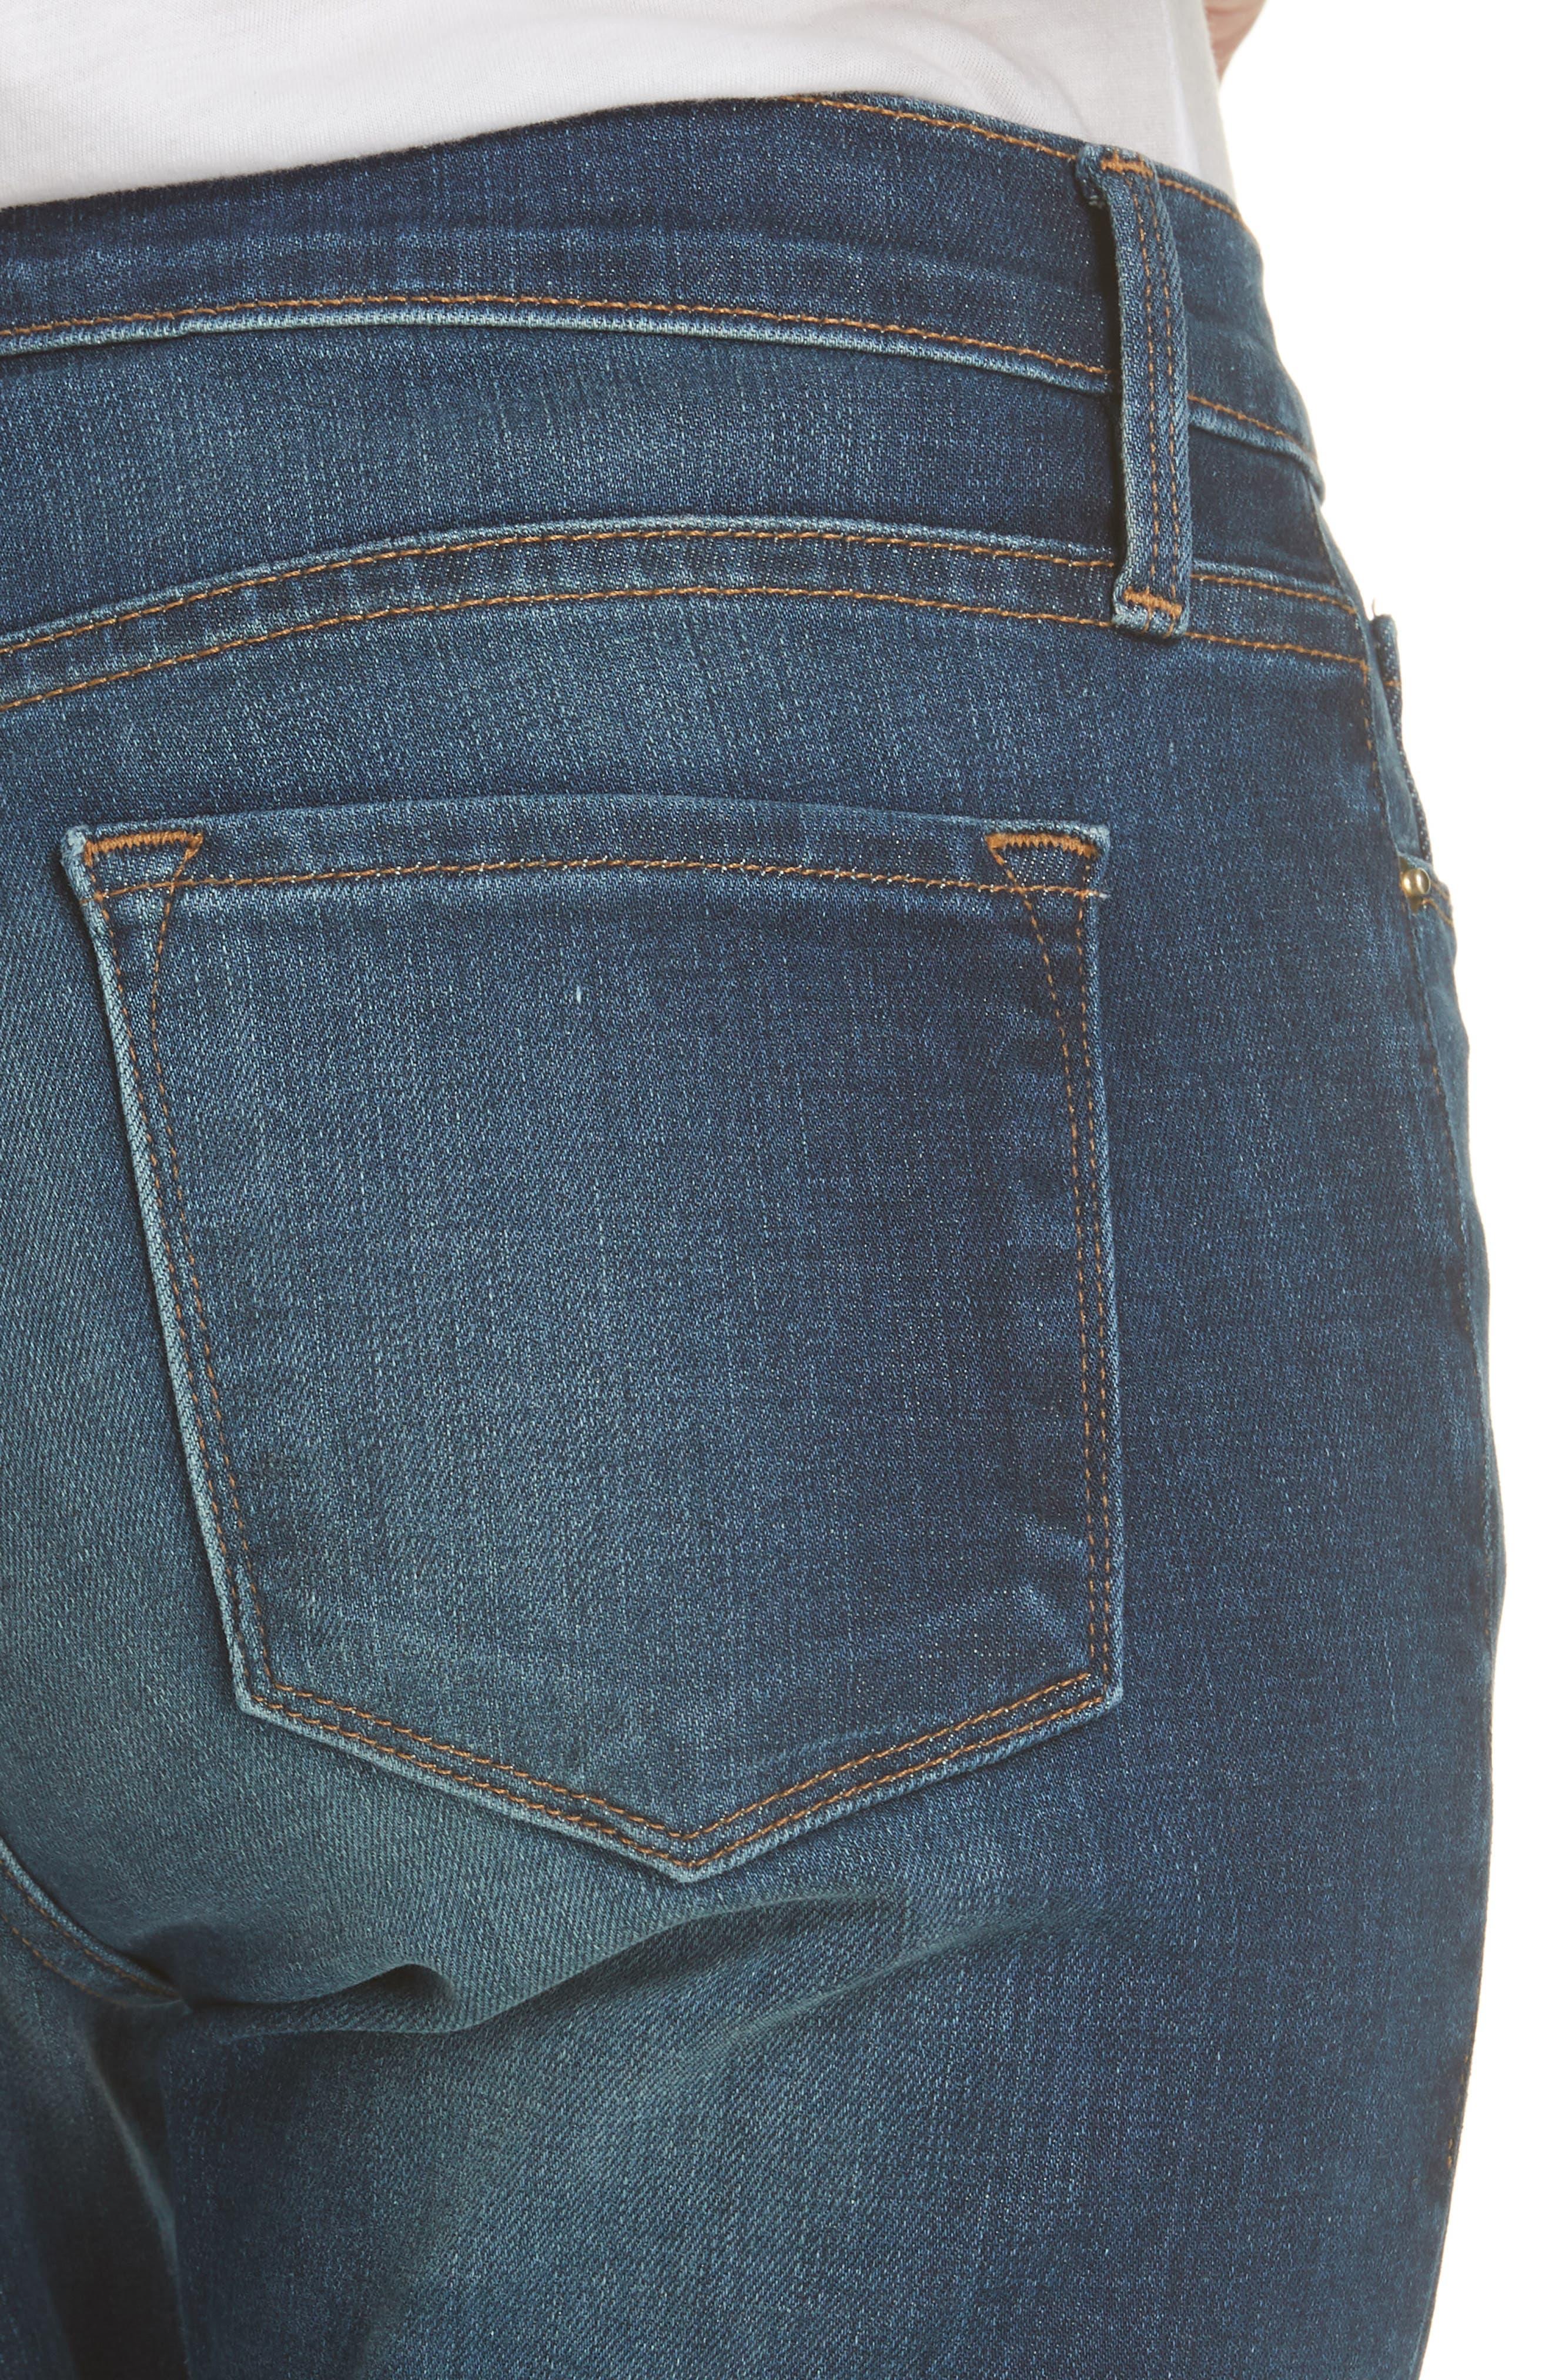 Le Garcon Slim Boyfriend Jeans,                             Alternate thumbnail 4, color,                             WESTFIELD